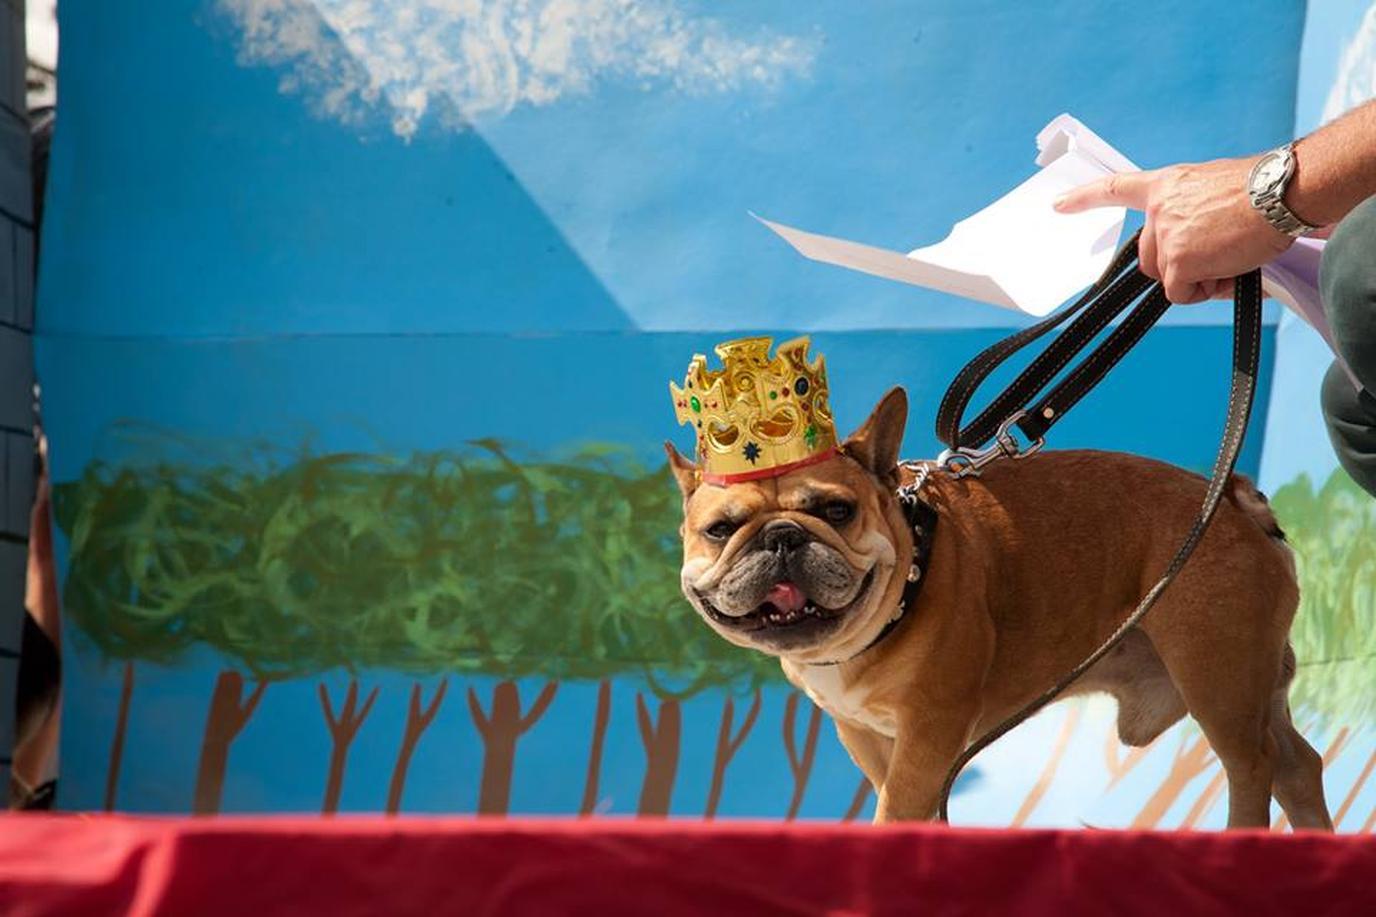 Don't miss the SomDogFest aka the Somerville Dog Festival this September.